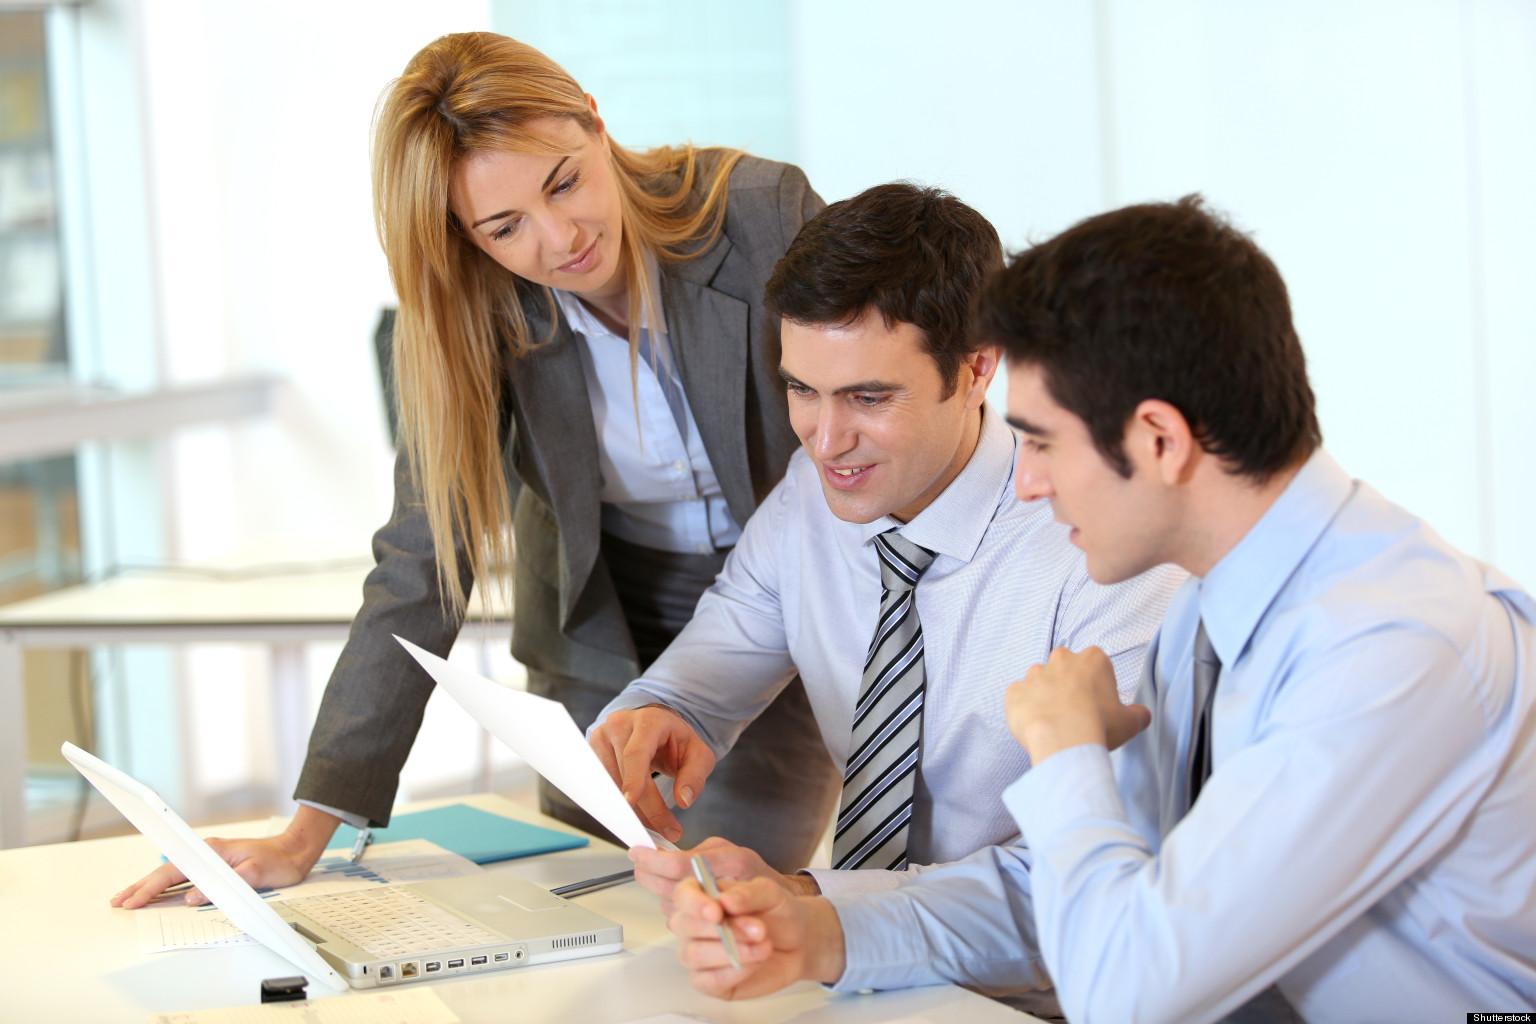 Helplavoro lavoro d 39 ufficio ecco centinaia di assunzioni for Ufficio lavoro